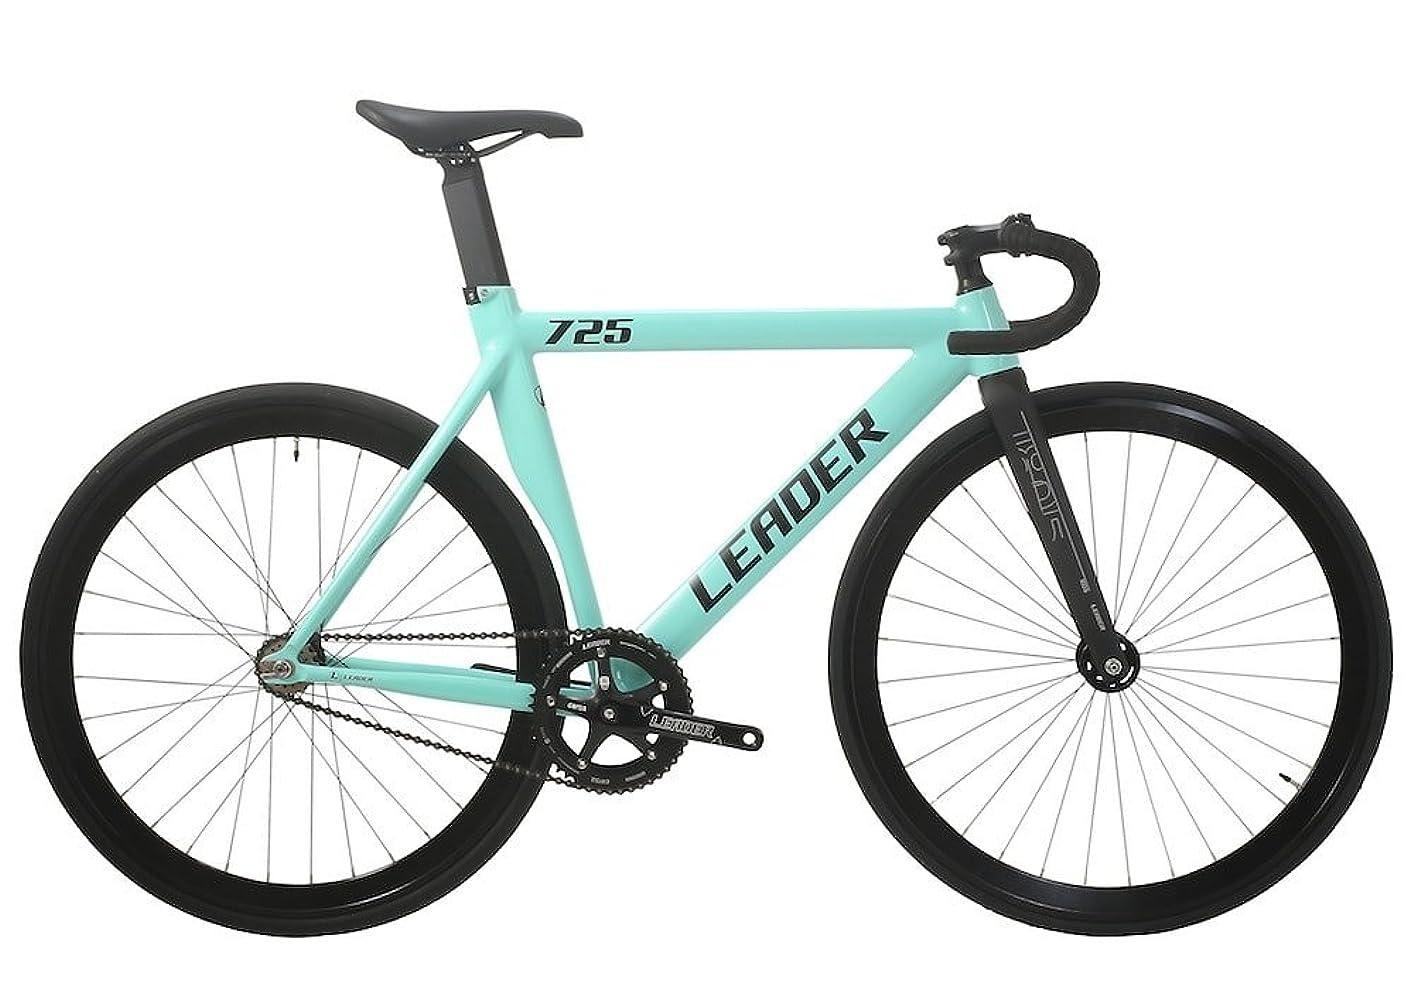 誓い裏切り娯楽SPEAR (スペア) ロードバイク 700c シマノ 21段変速 SPR-7021 ディレーラー Tourney(ターニー) 男性 女性 適用身長165㎝以上 初心者 1年保証付